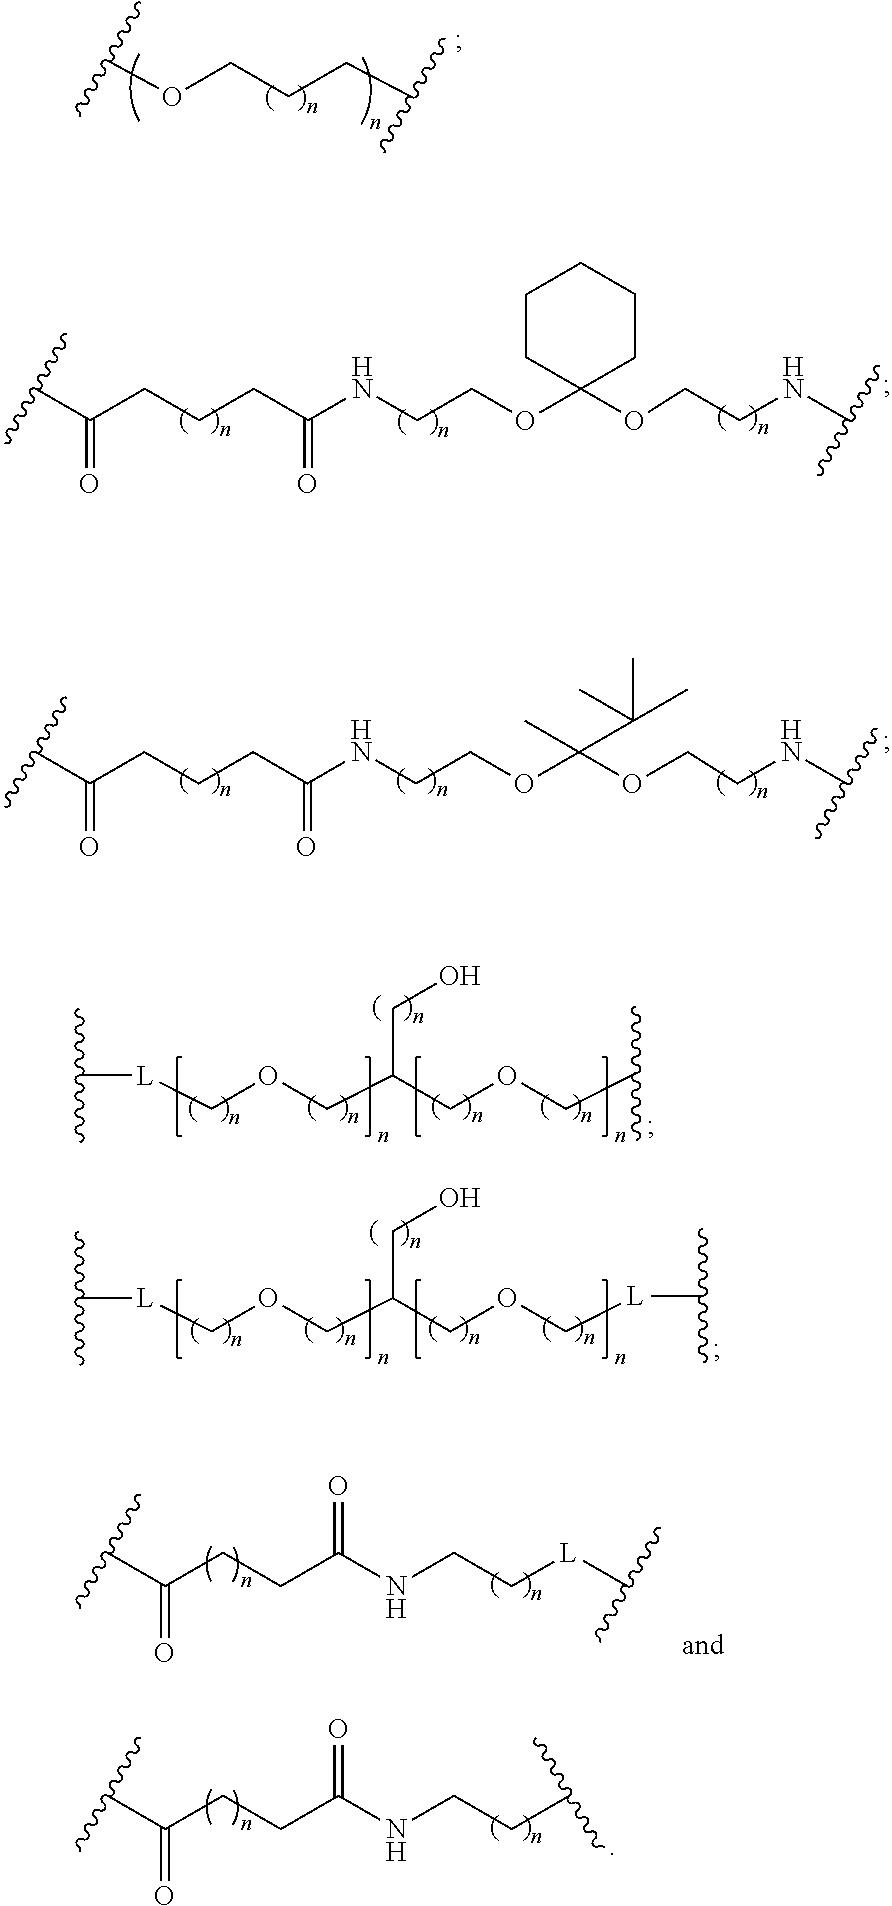 Figure US09932581-20180403-C00037